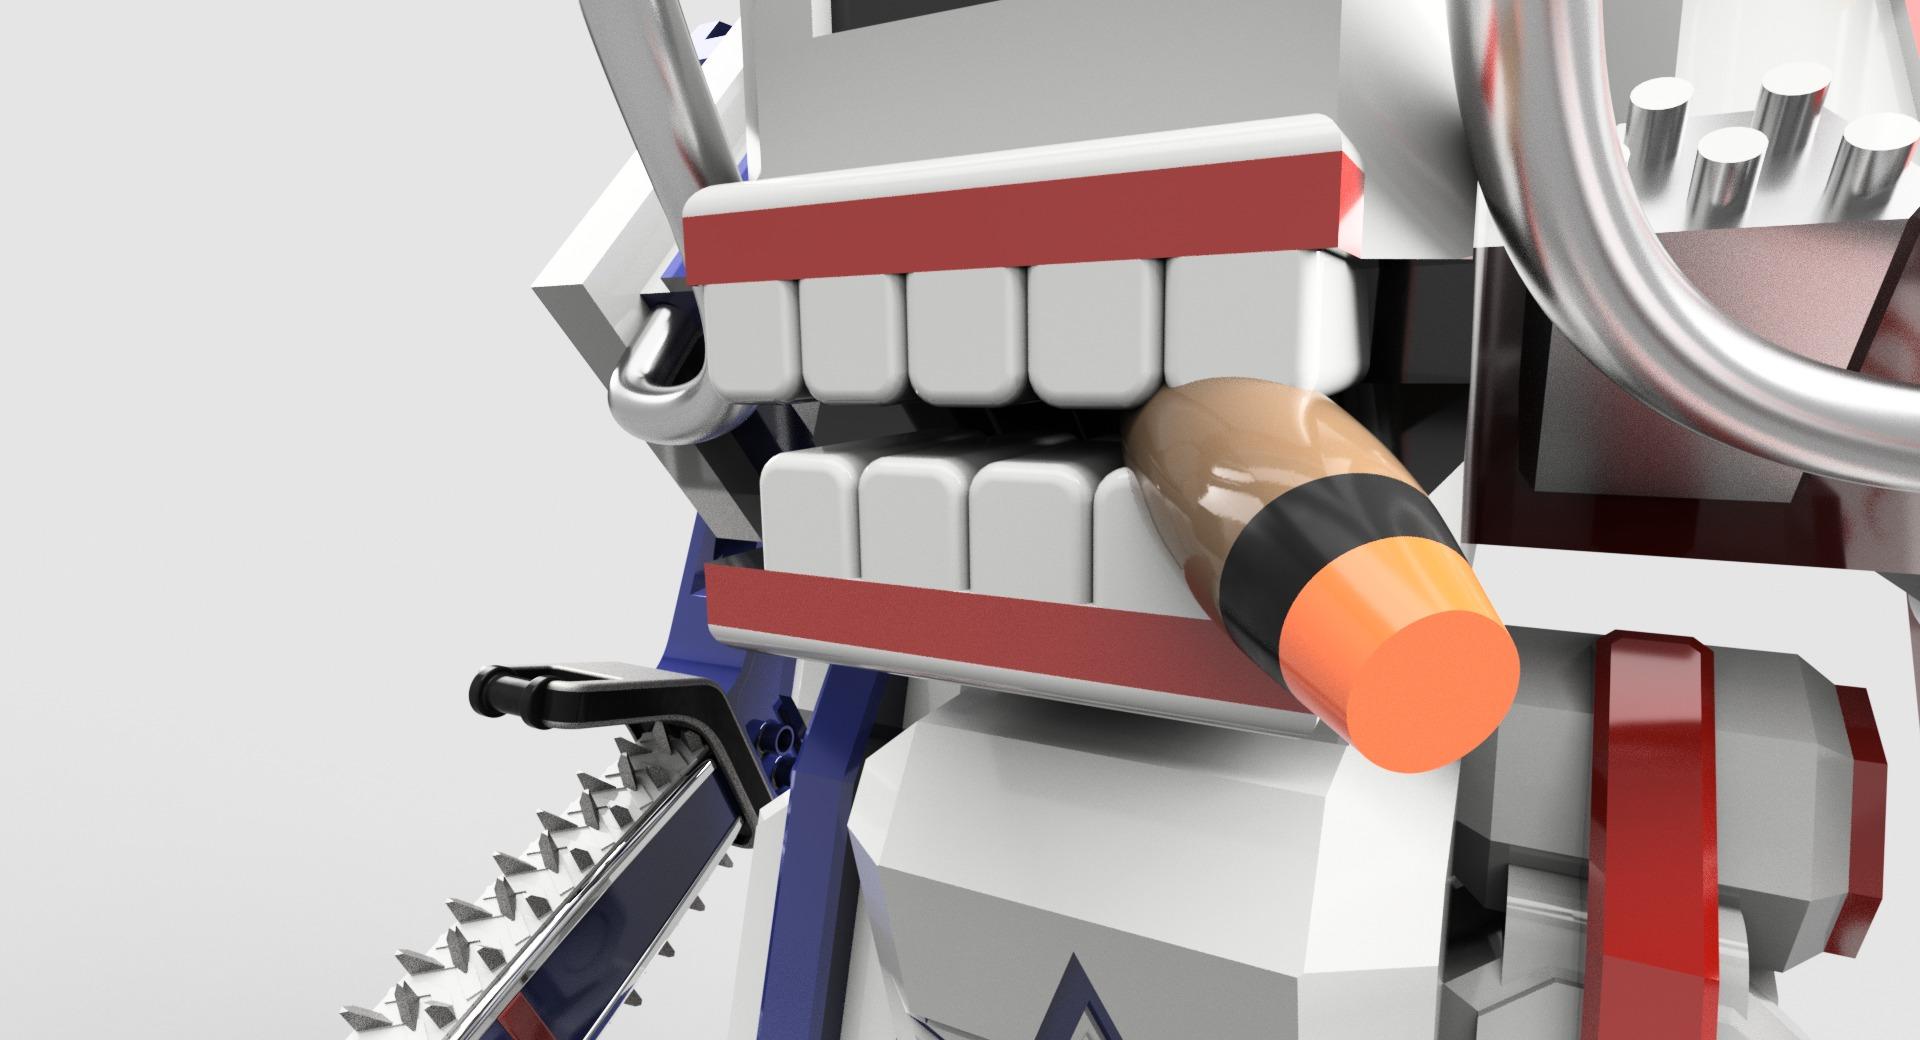 Megabot_action_figure_2015-aug-18_05-48-00am-000_customizedview28727393